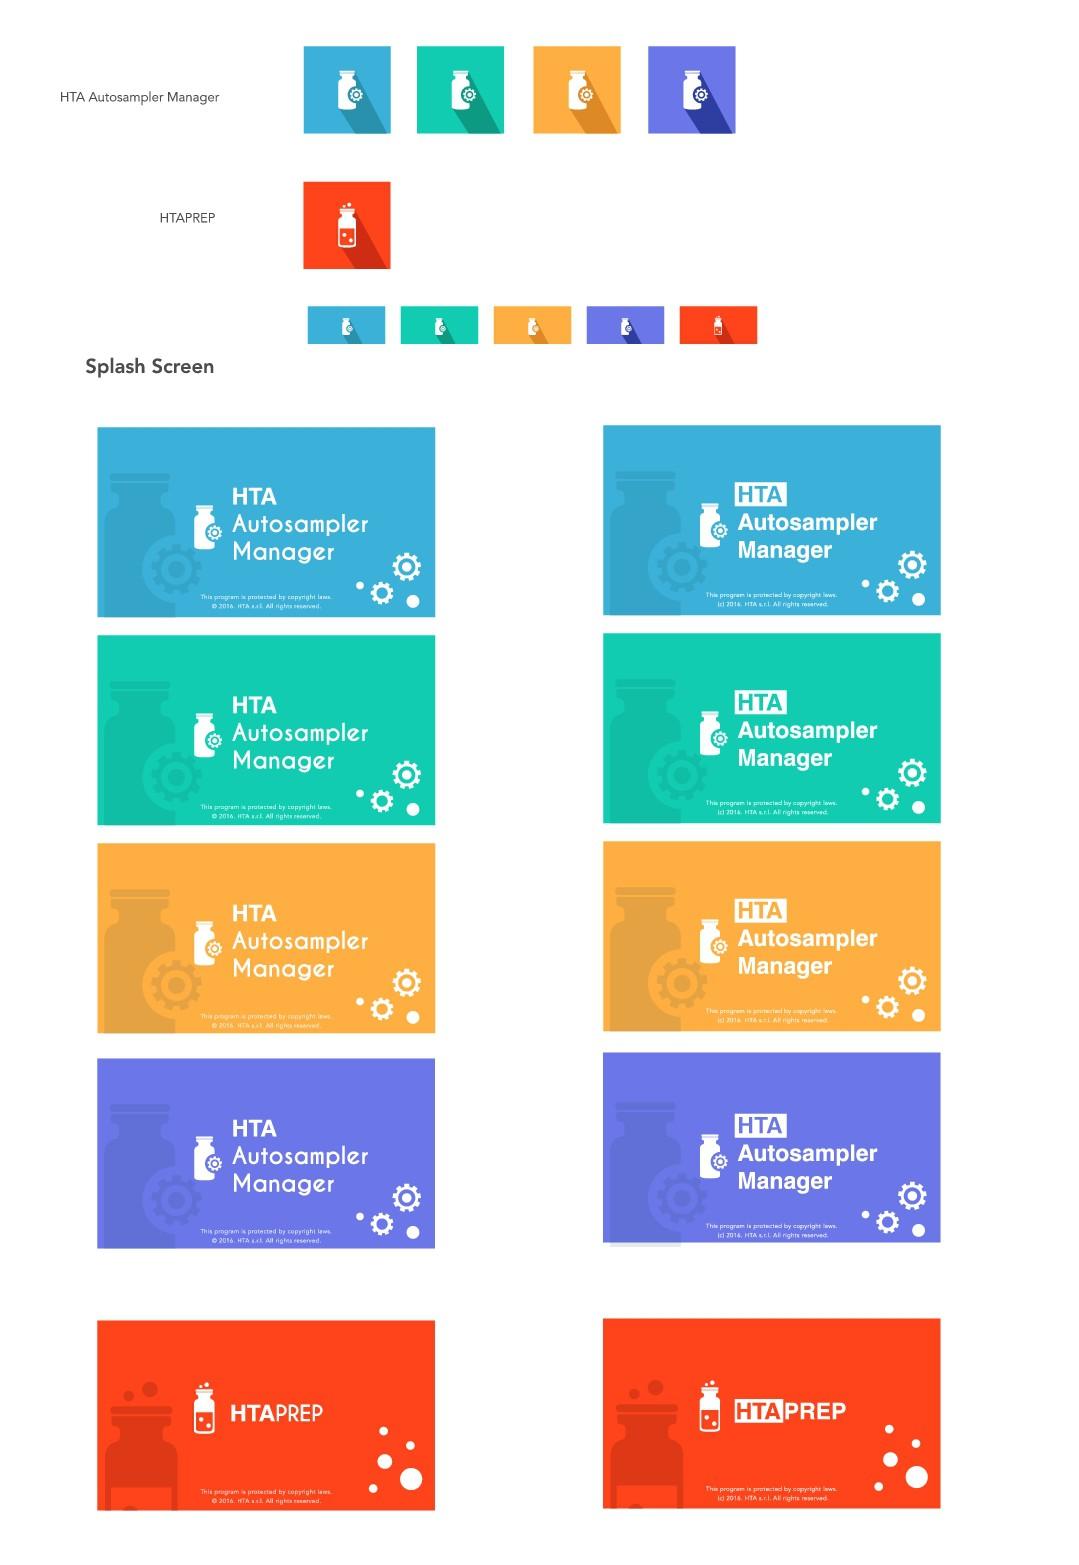 Windows 10 Desktop App: Design Splash Screen and Tile for 2 Software